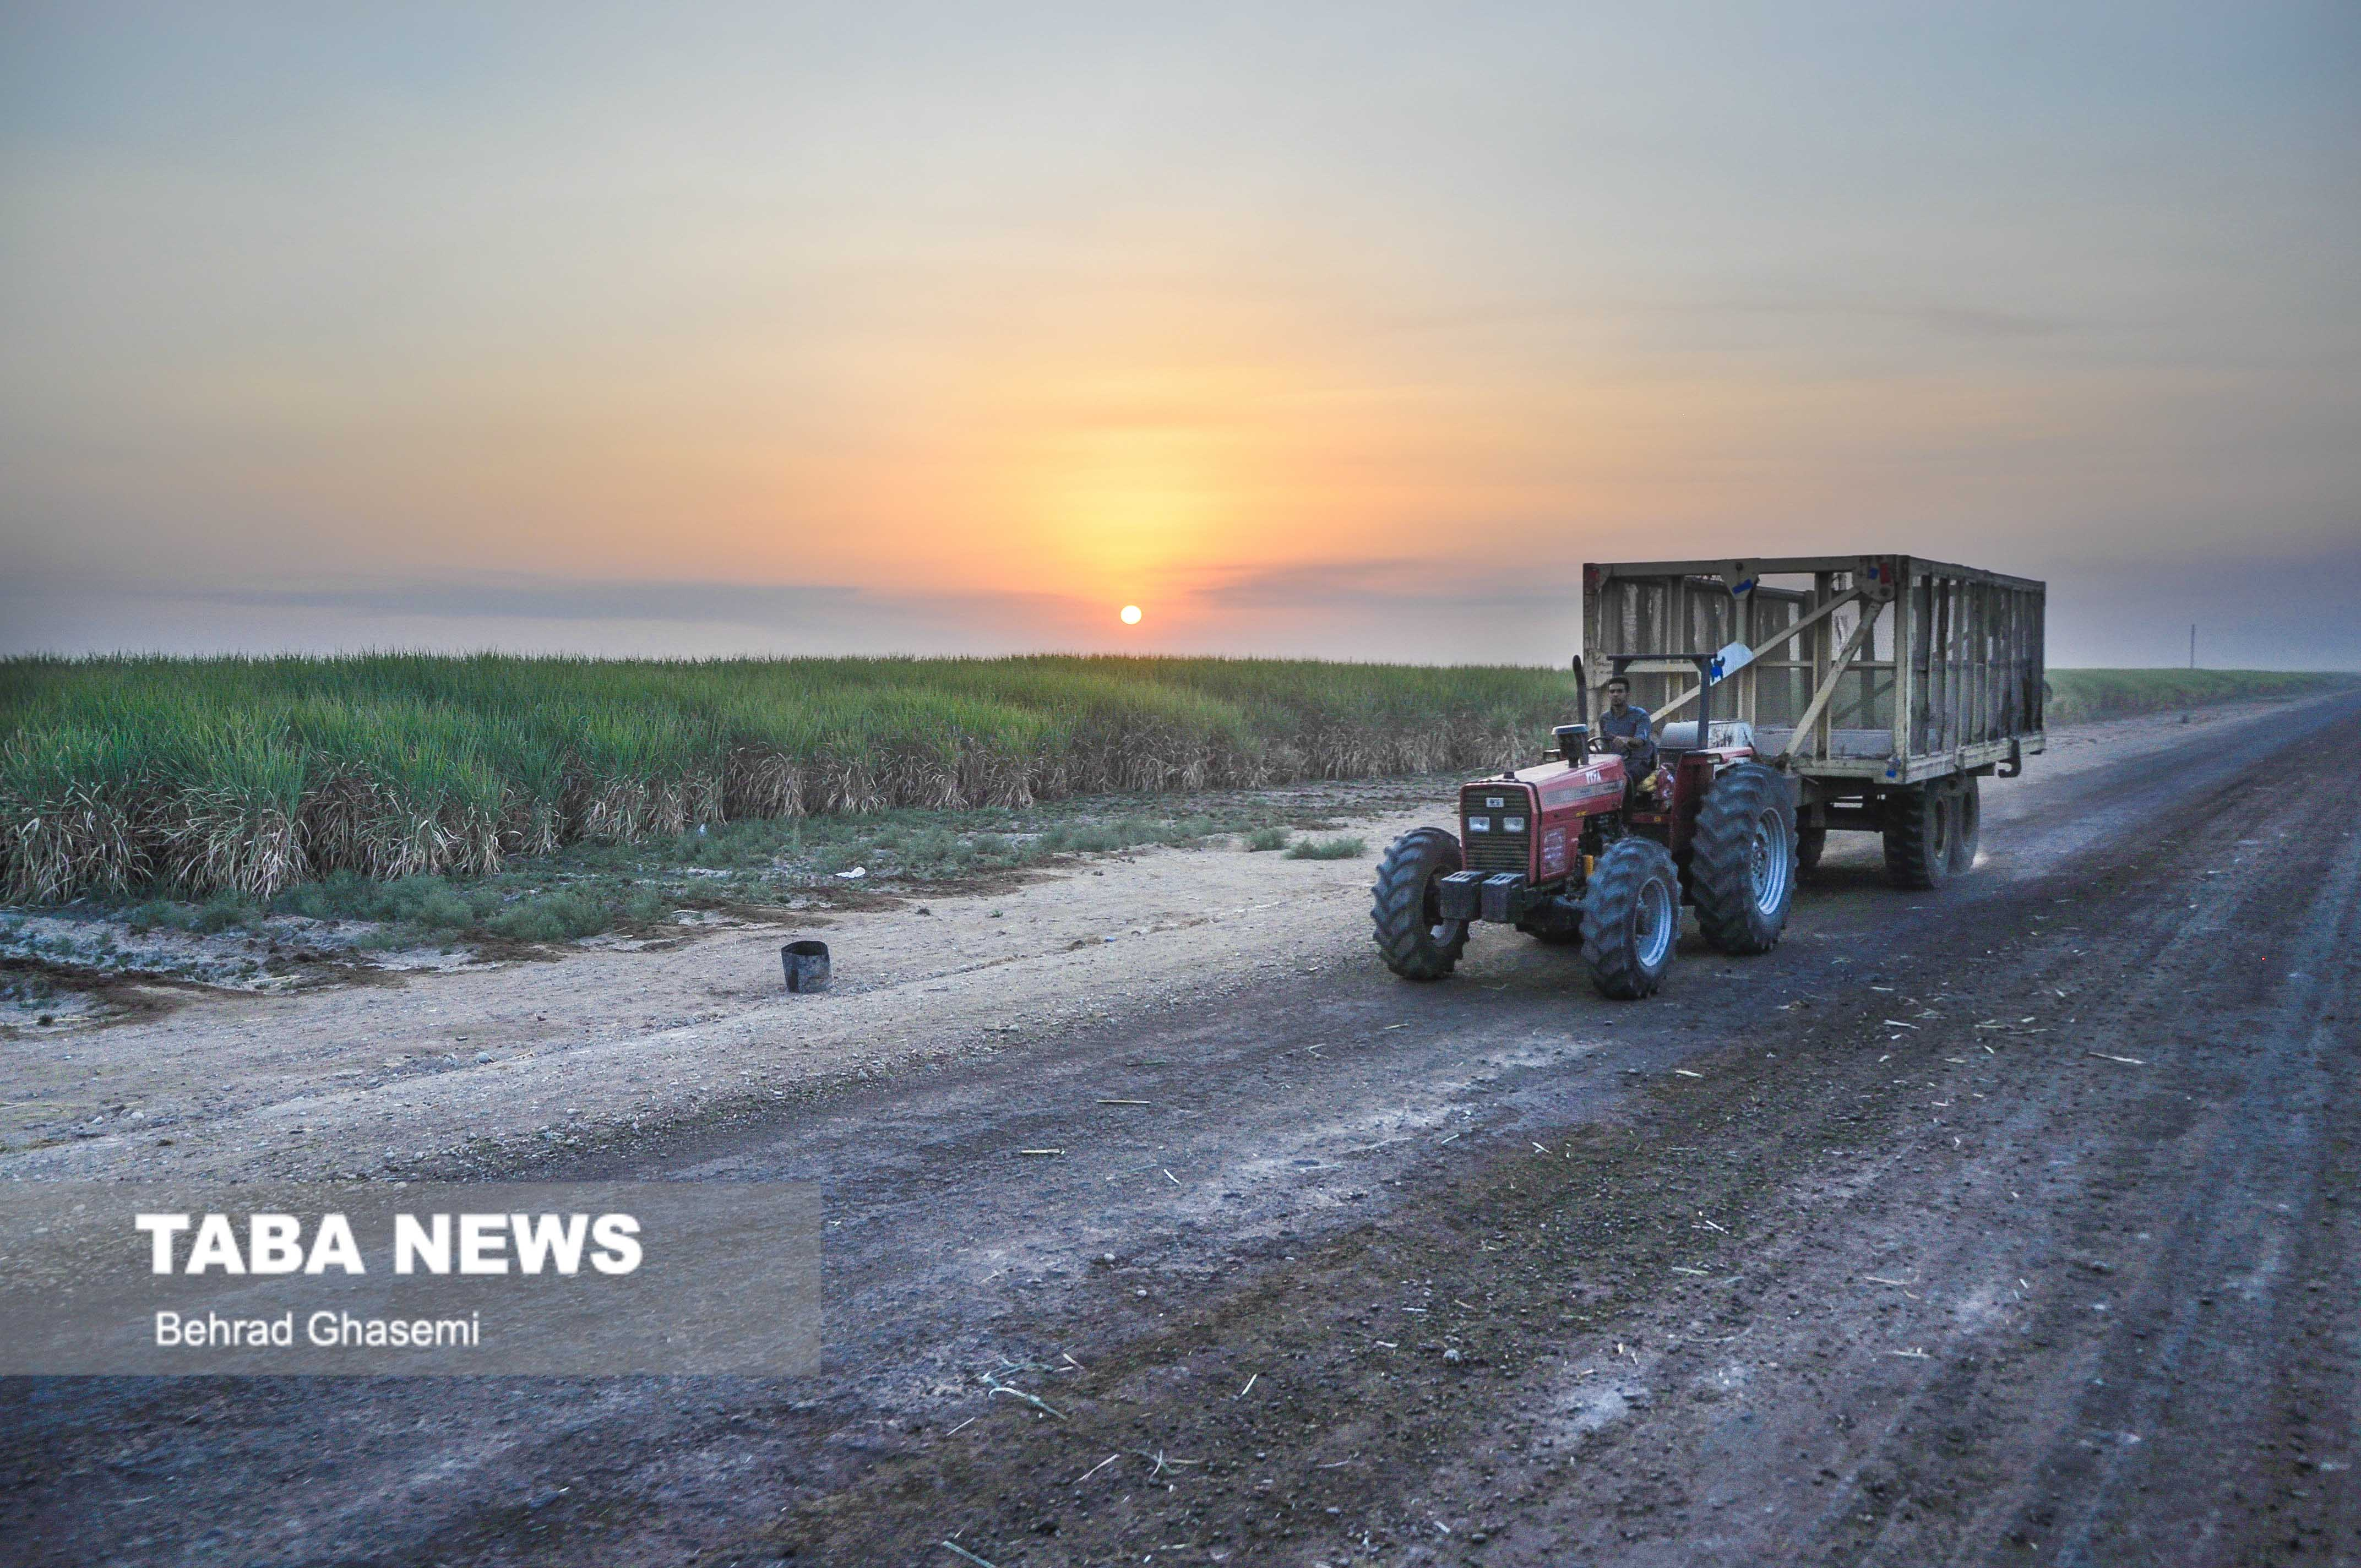 افزایش محصولات کشاورزی خوزستان با اجرای طرح۵۵۰ هزار هکتاری